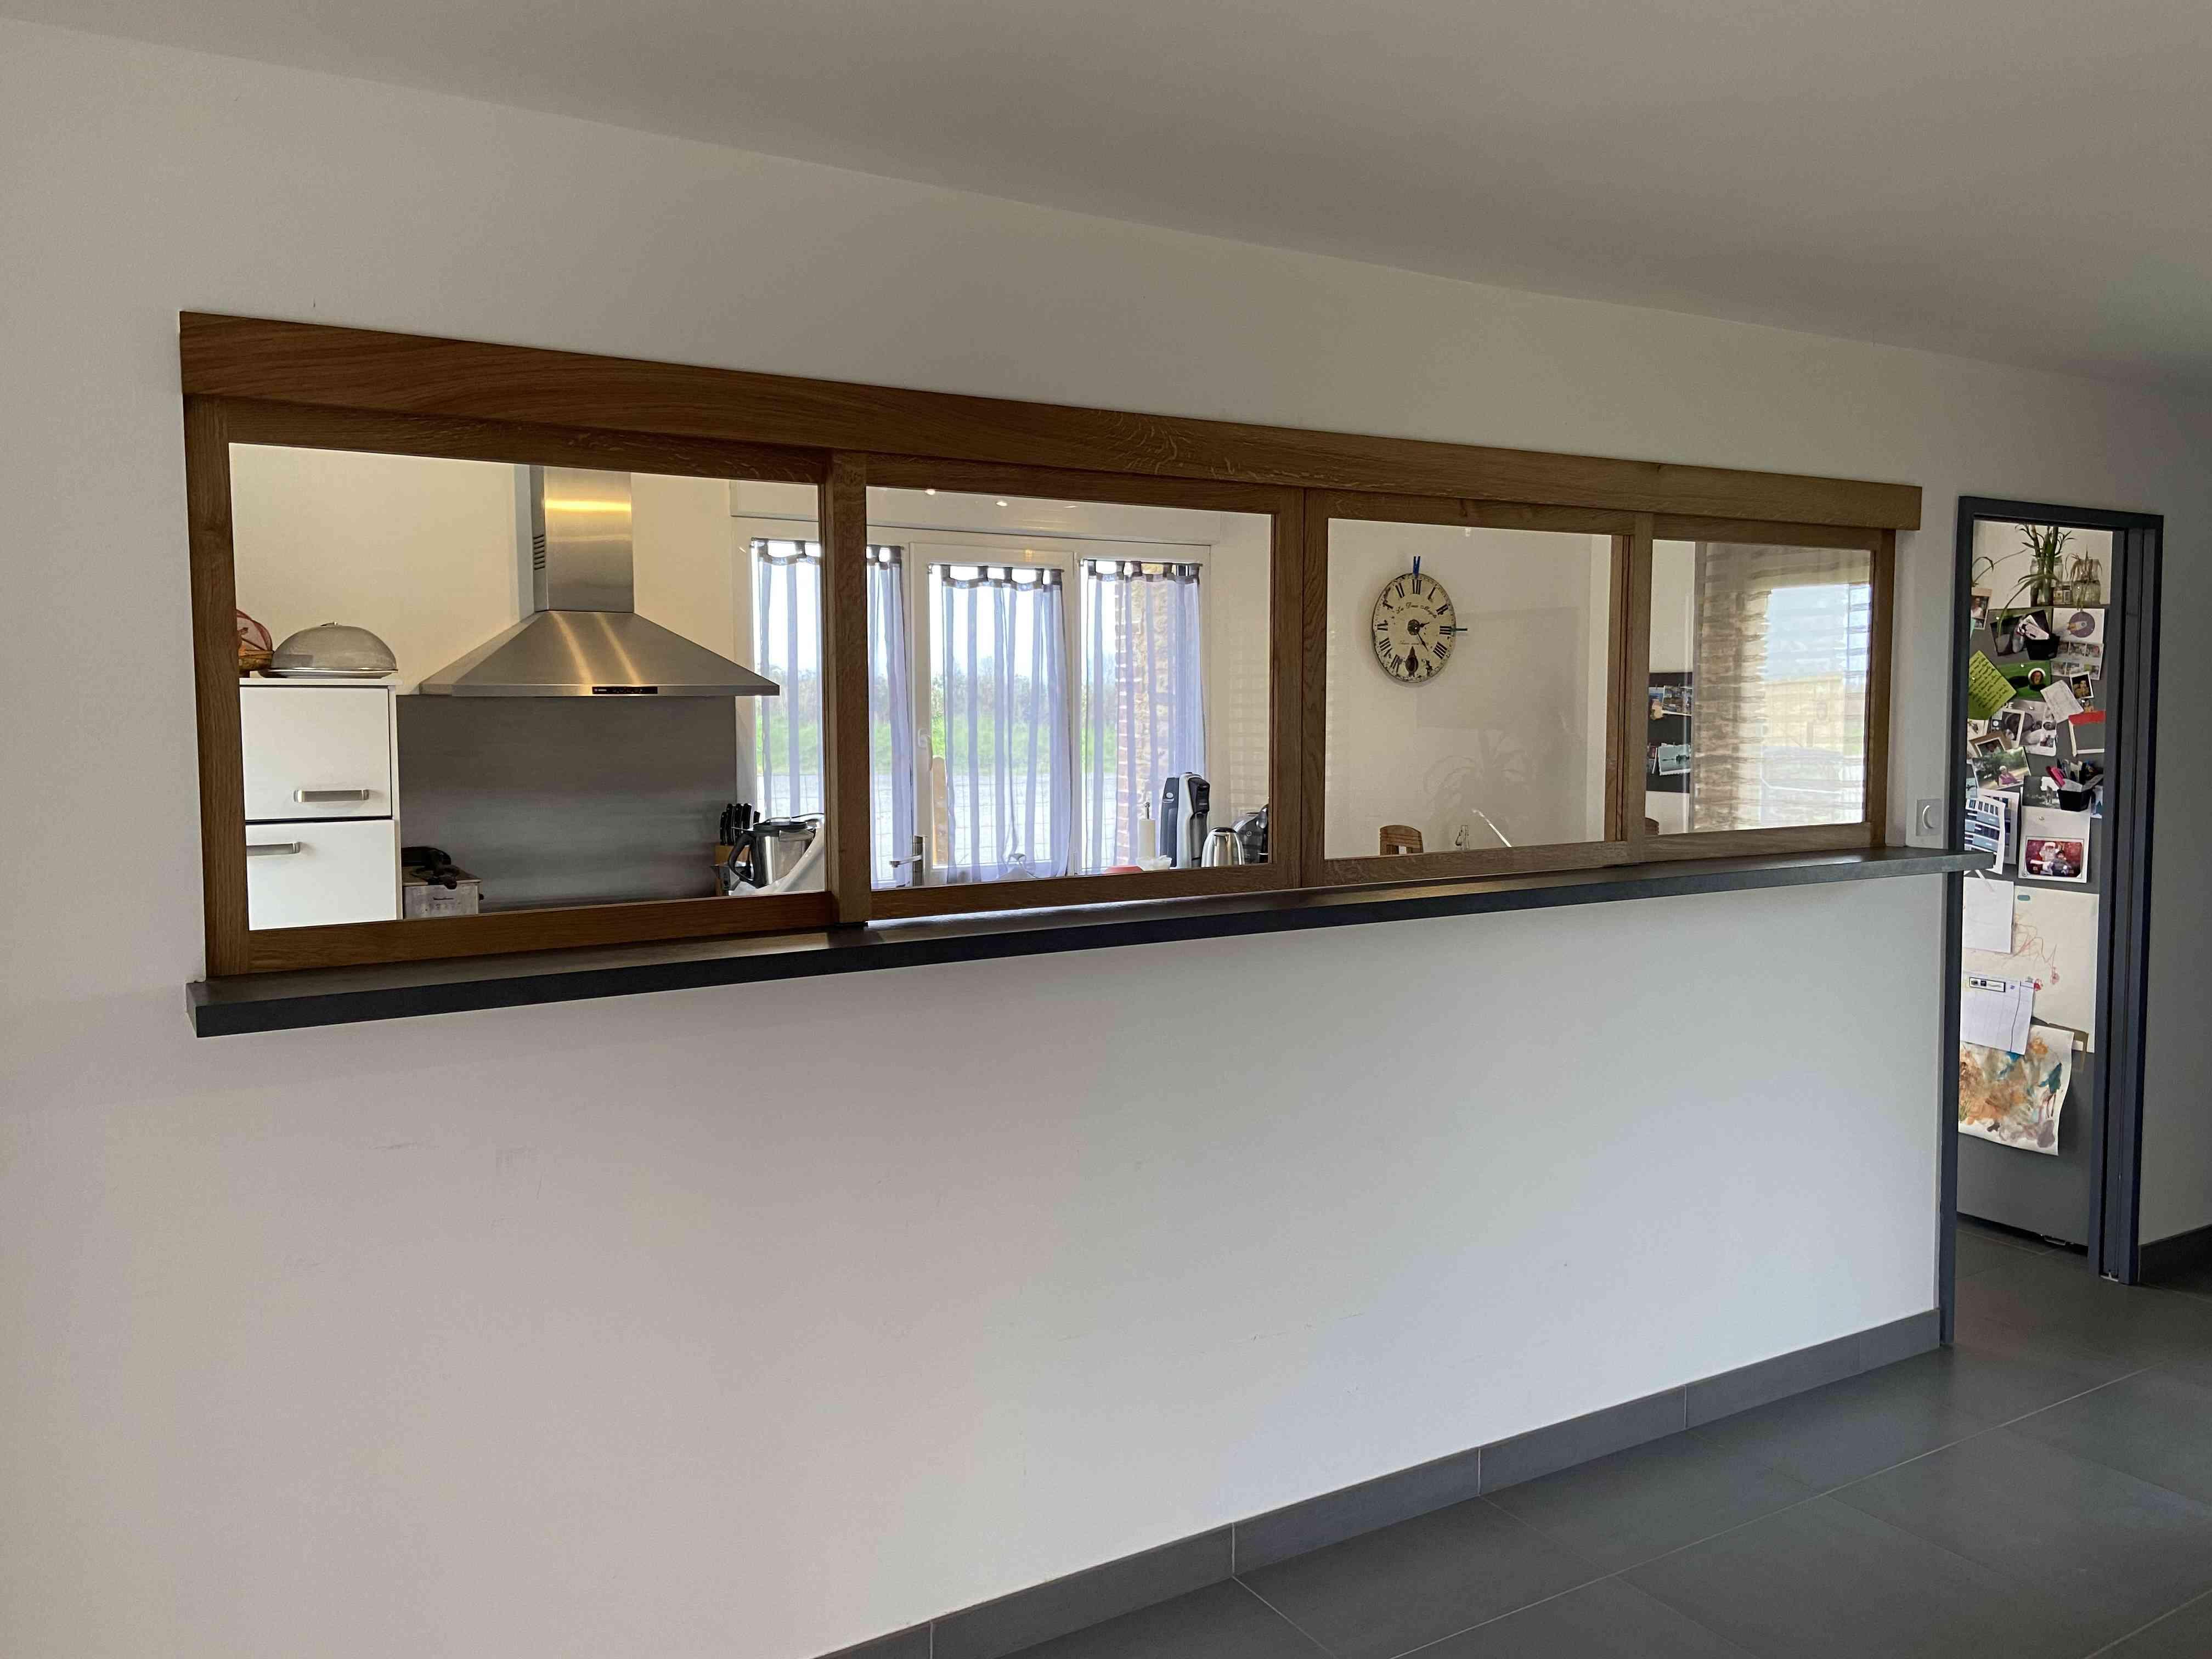 IMG 0611 - Verrière coulissante en chêne entre cuisine et séjour